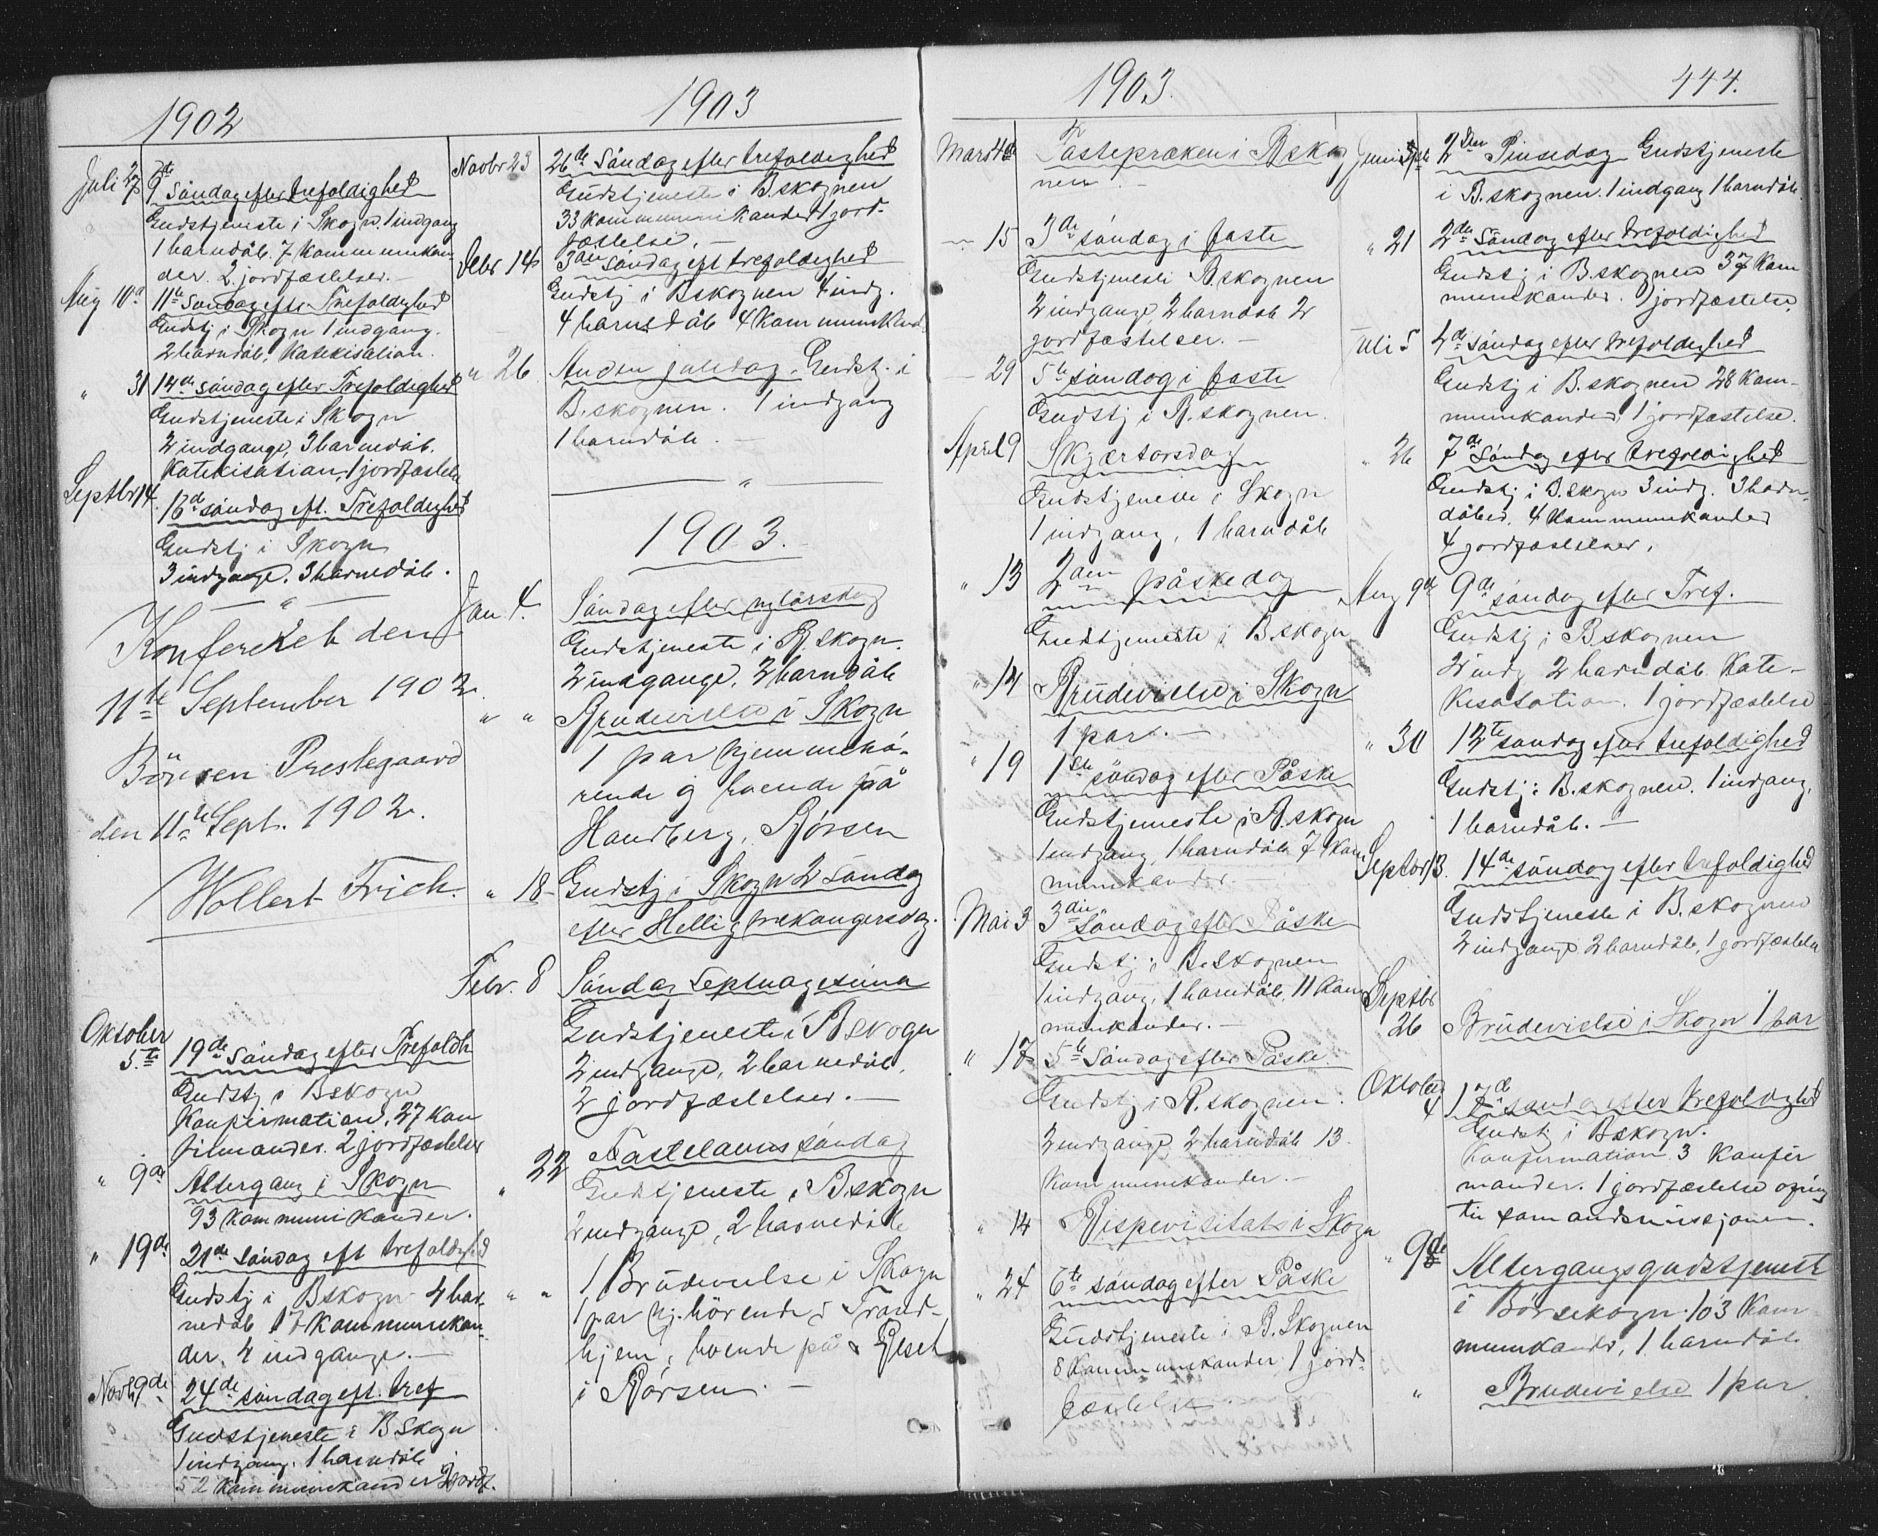 SAT, Ministerialprotokoller, klokkerbøker og fødselsregistre - Sør-Trøndelag, 667/L0798: Klokkerbok nr. 667C03, 1867-1929, s. 444